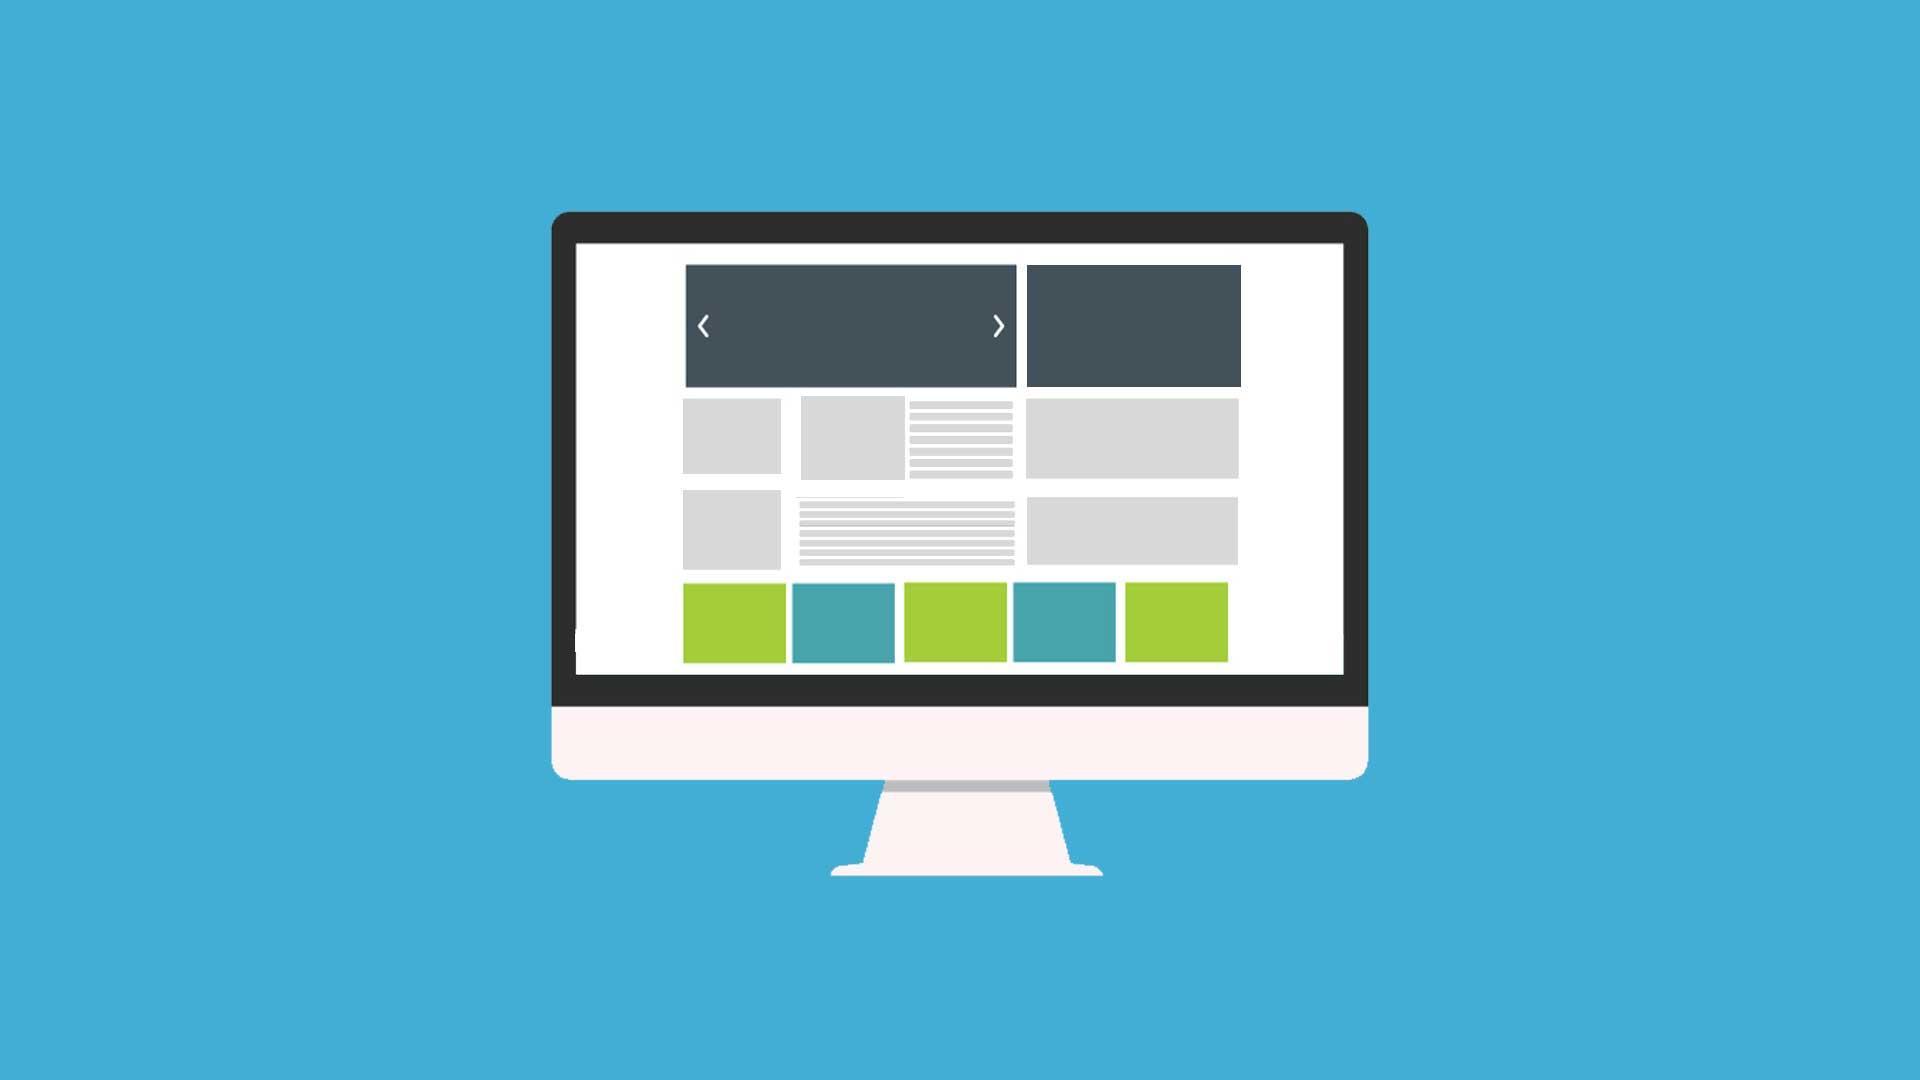 Curso de HTML5 - Marcando Rodapé e Destaque (Aula 08)